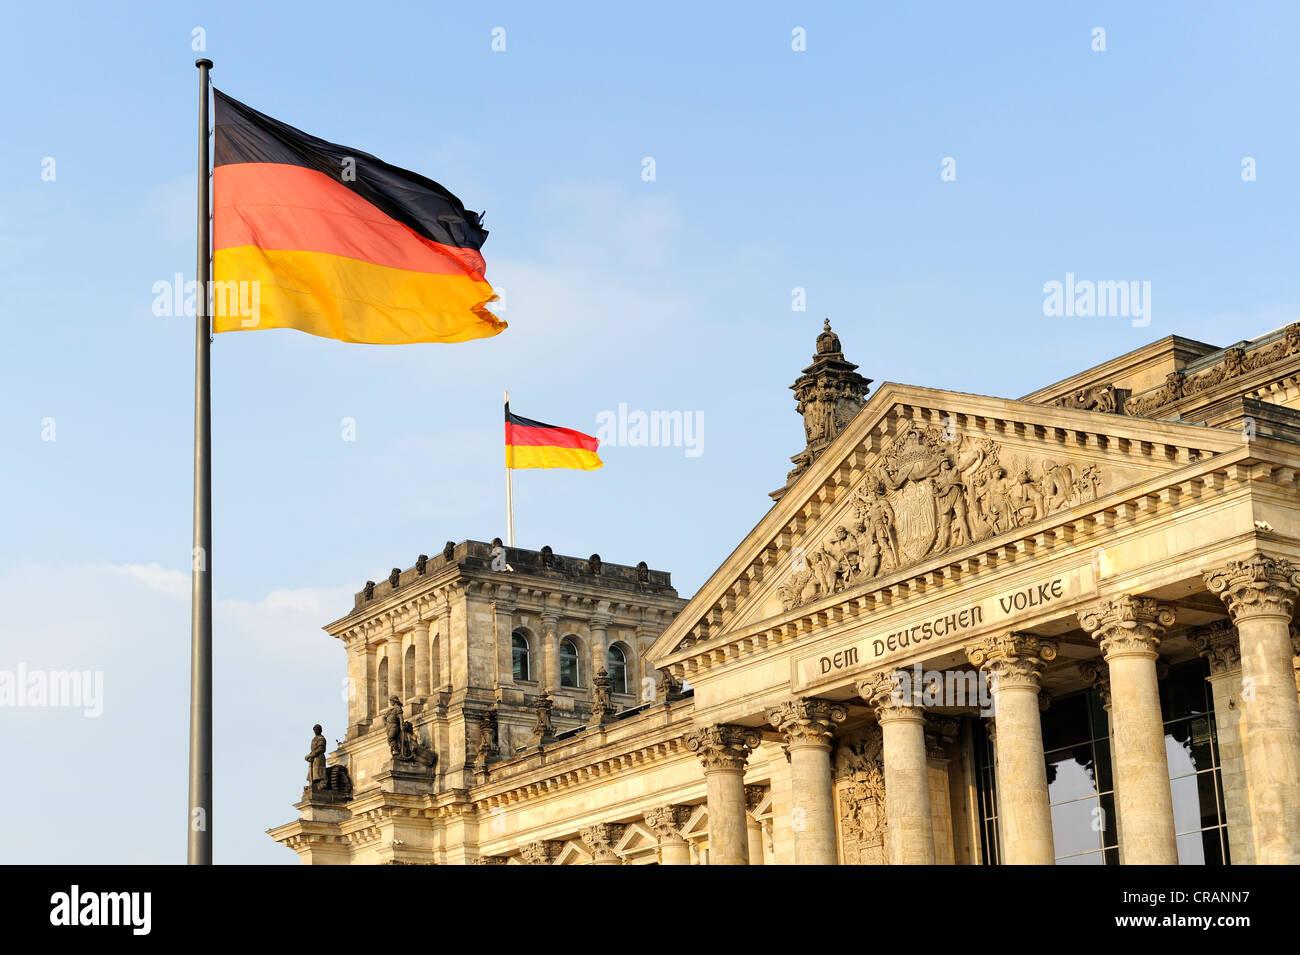 Detailansicht, Reichstagsgebäude mit deutschen Nationalflaggen, Sitz des deutschen Parlaments, Bundestag Stockbild